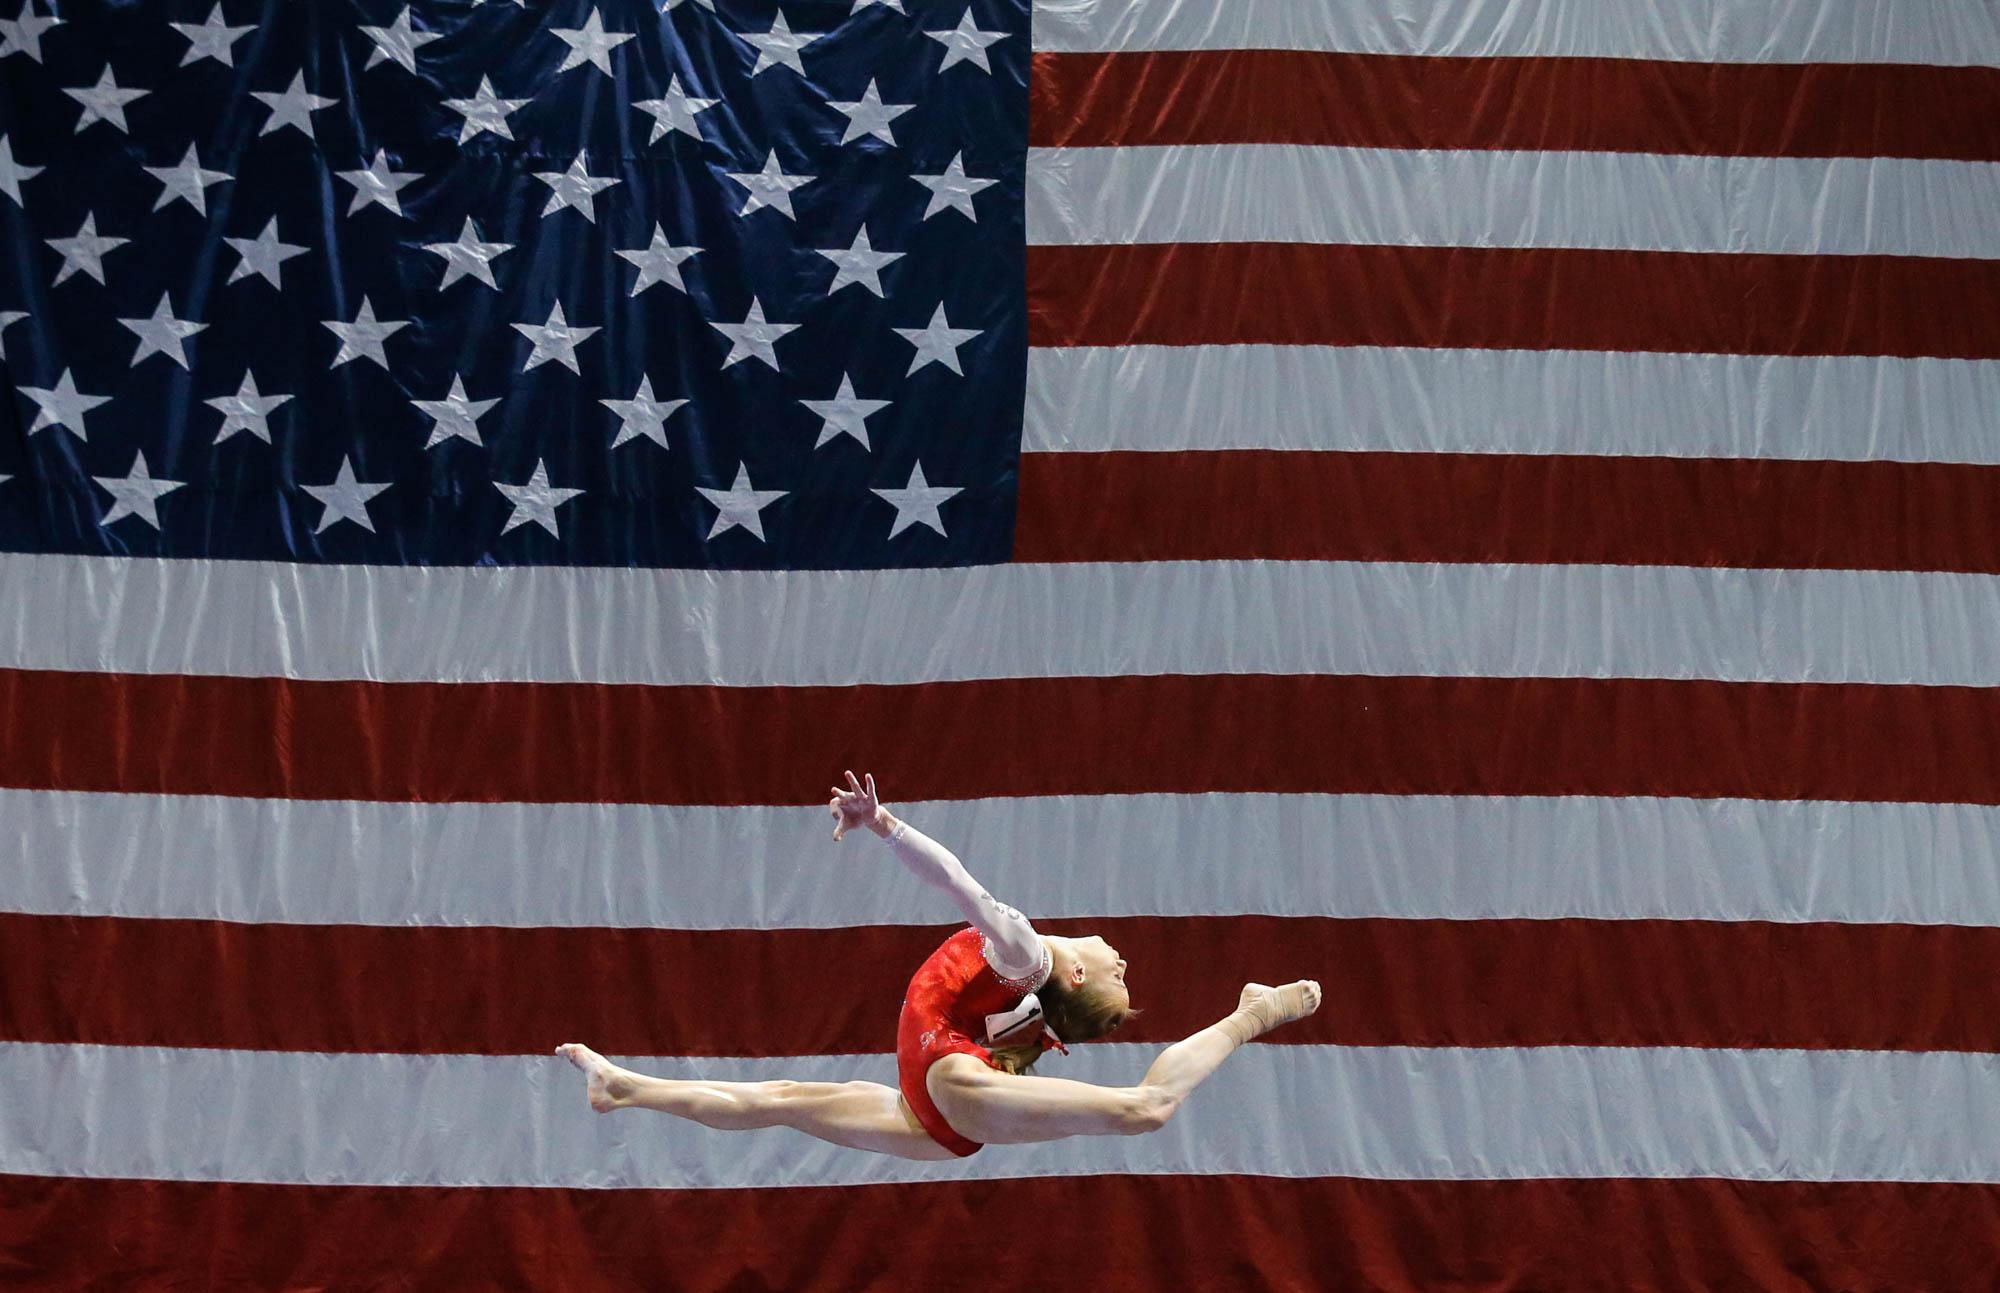 Madison Kocian haciendo un salto. Al fondo, la bandera de Estados Unidos (© AP Images)